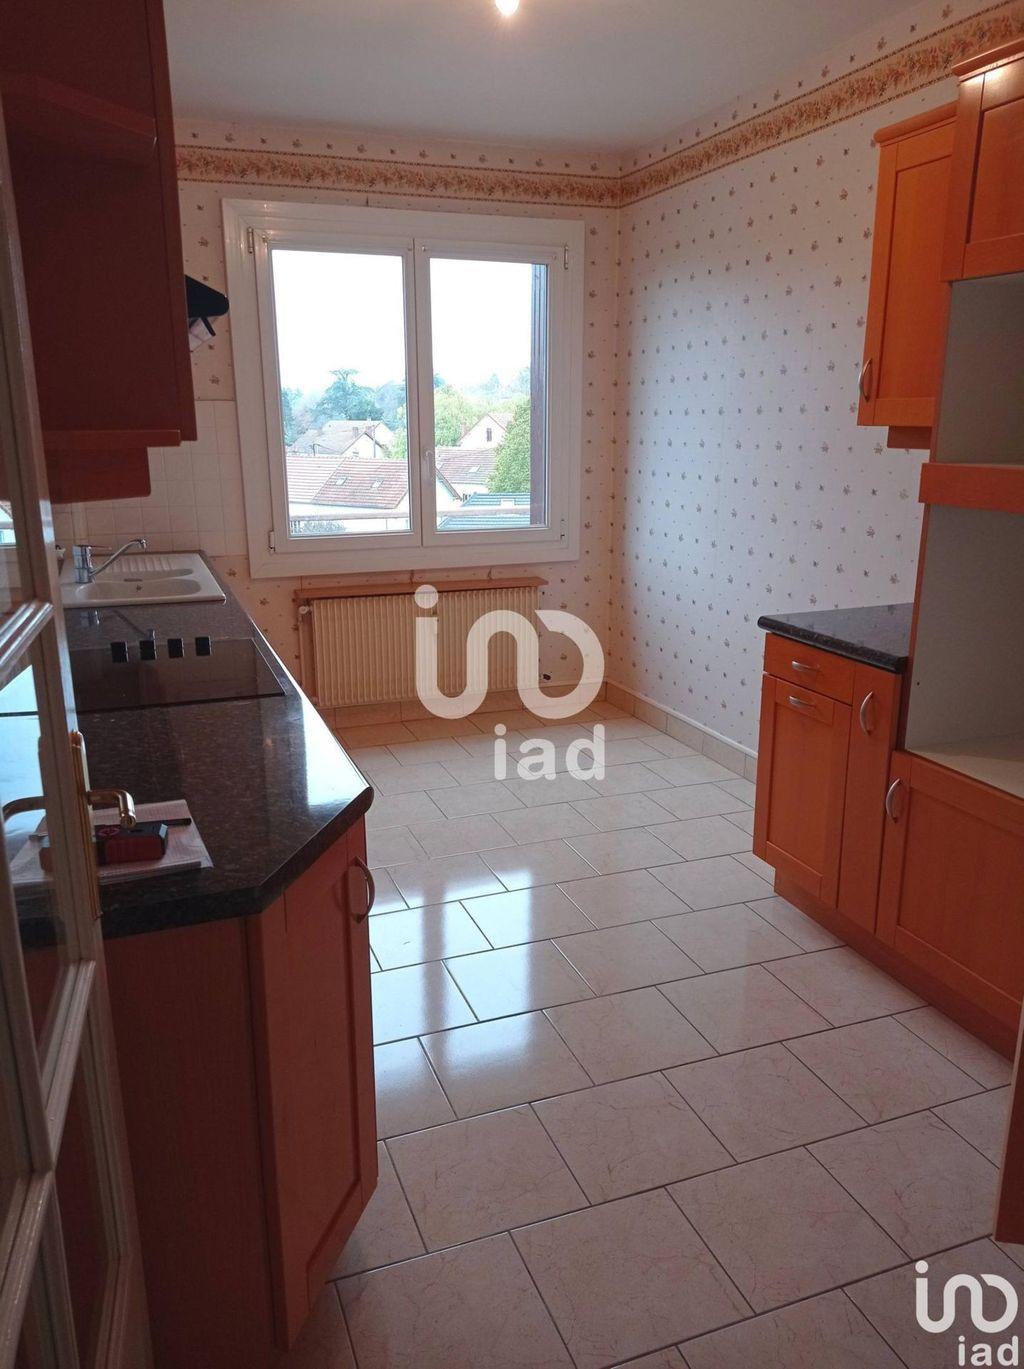 Achat appartement 3pièces 78m² - Cosne-Cours-sur-Loire